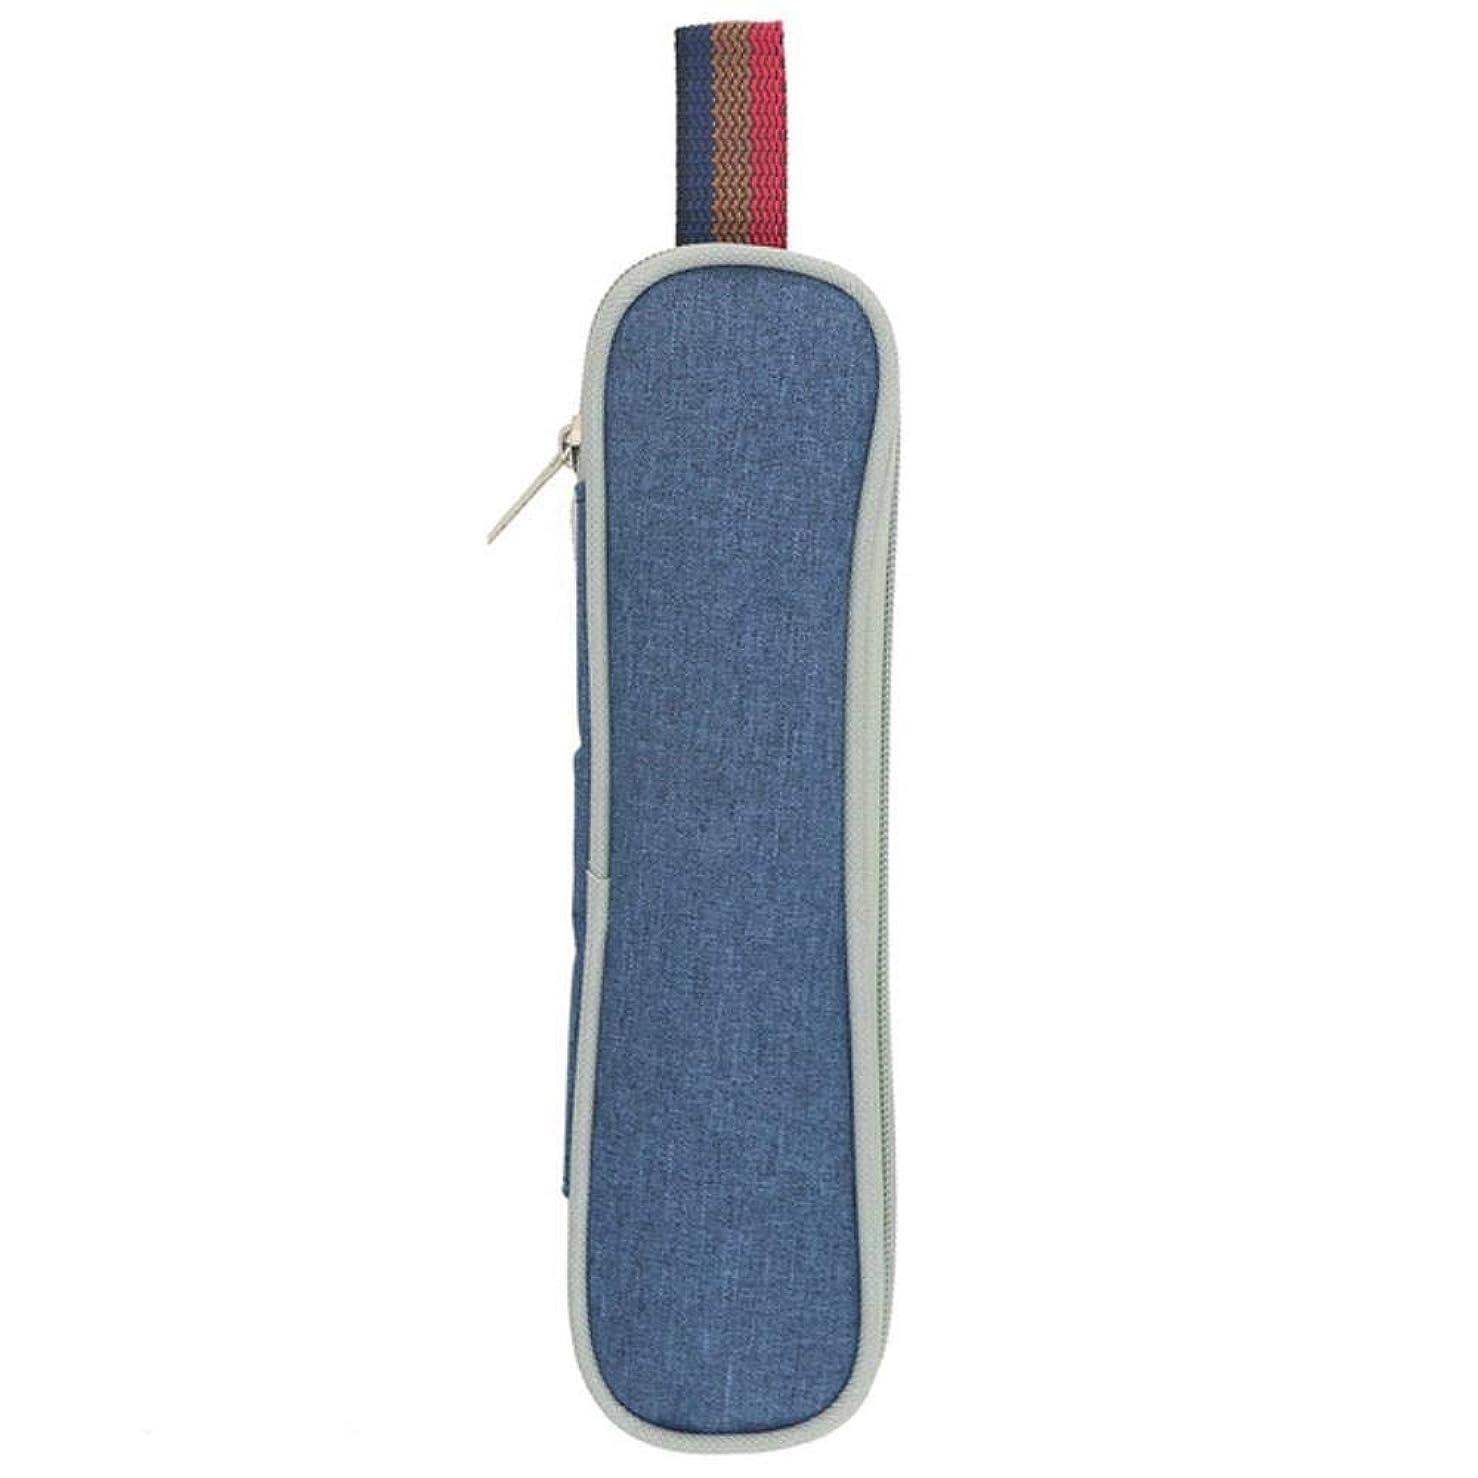 スペシャリストドキドキ良性黒の食器セット7個/セットステンレス製食器、金属製ストローハンドルナイフフォークスプーンディナーセット、1個の青いバッグ